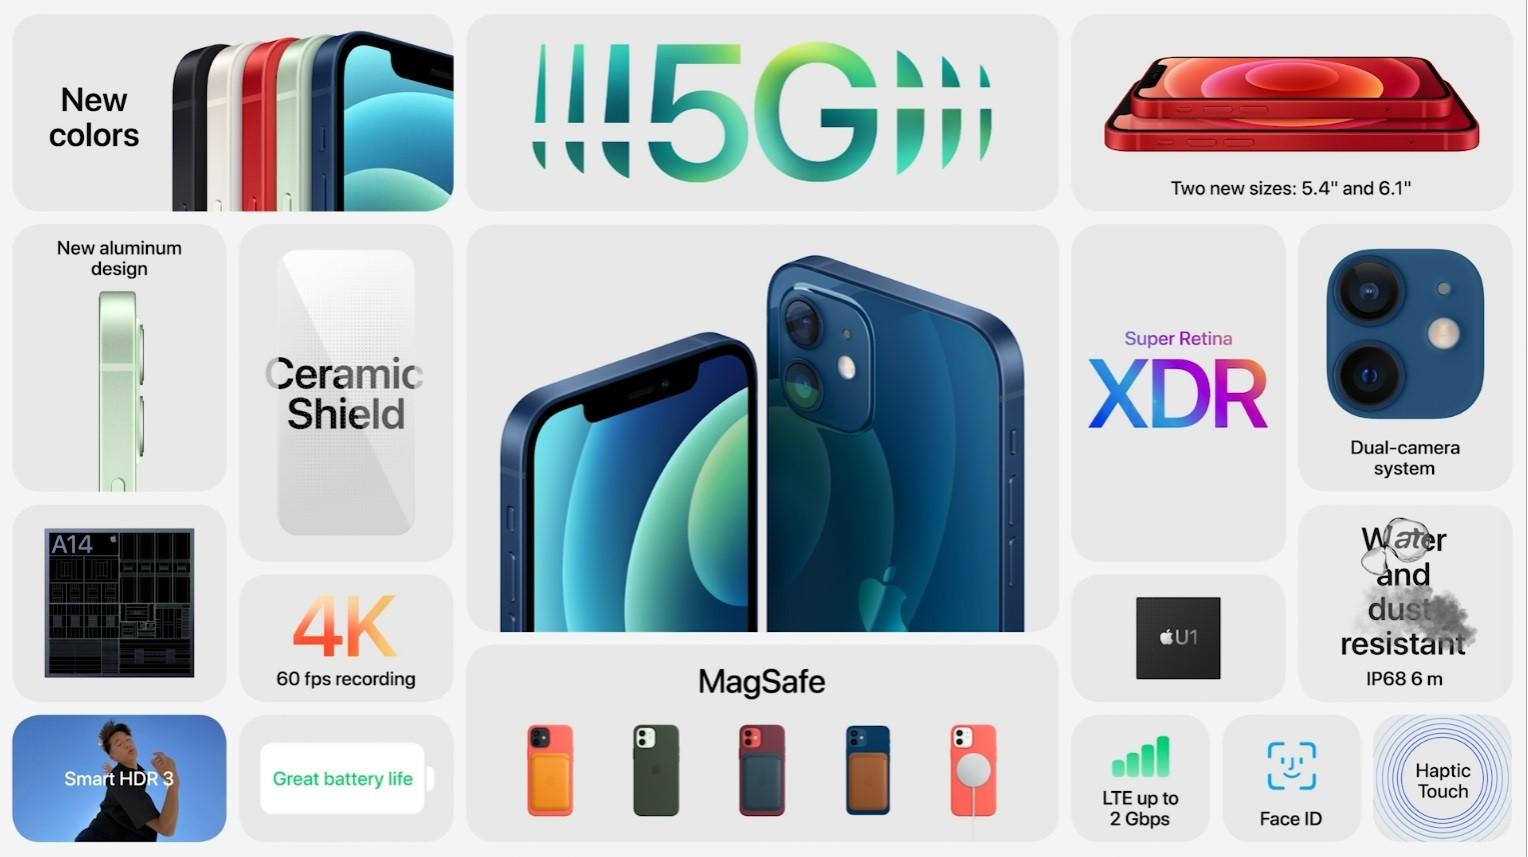 TRỰC TIẾP: Bộ tứ iPhone 12 chính thức trình làng, giá từ 699 USD - 16